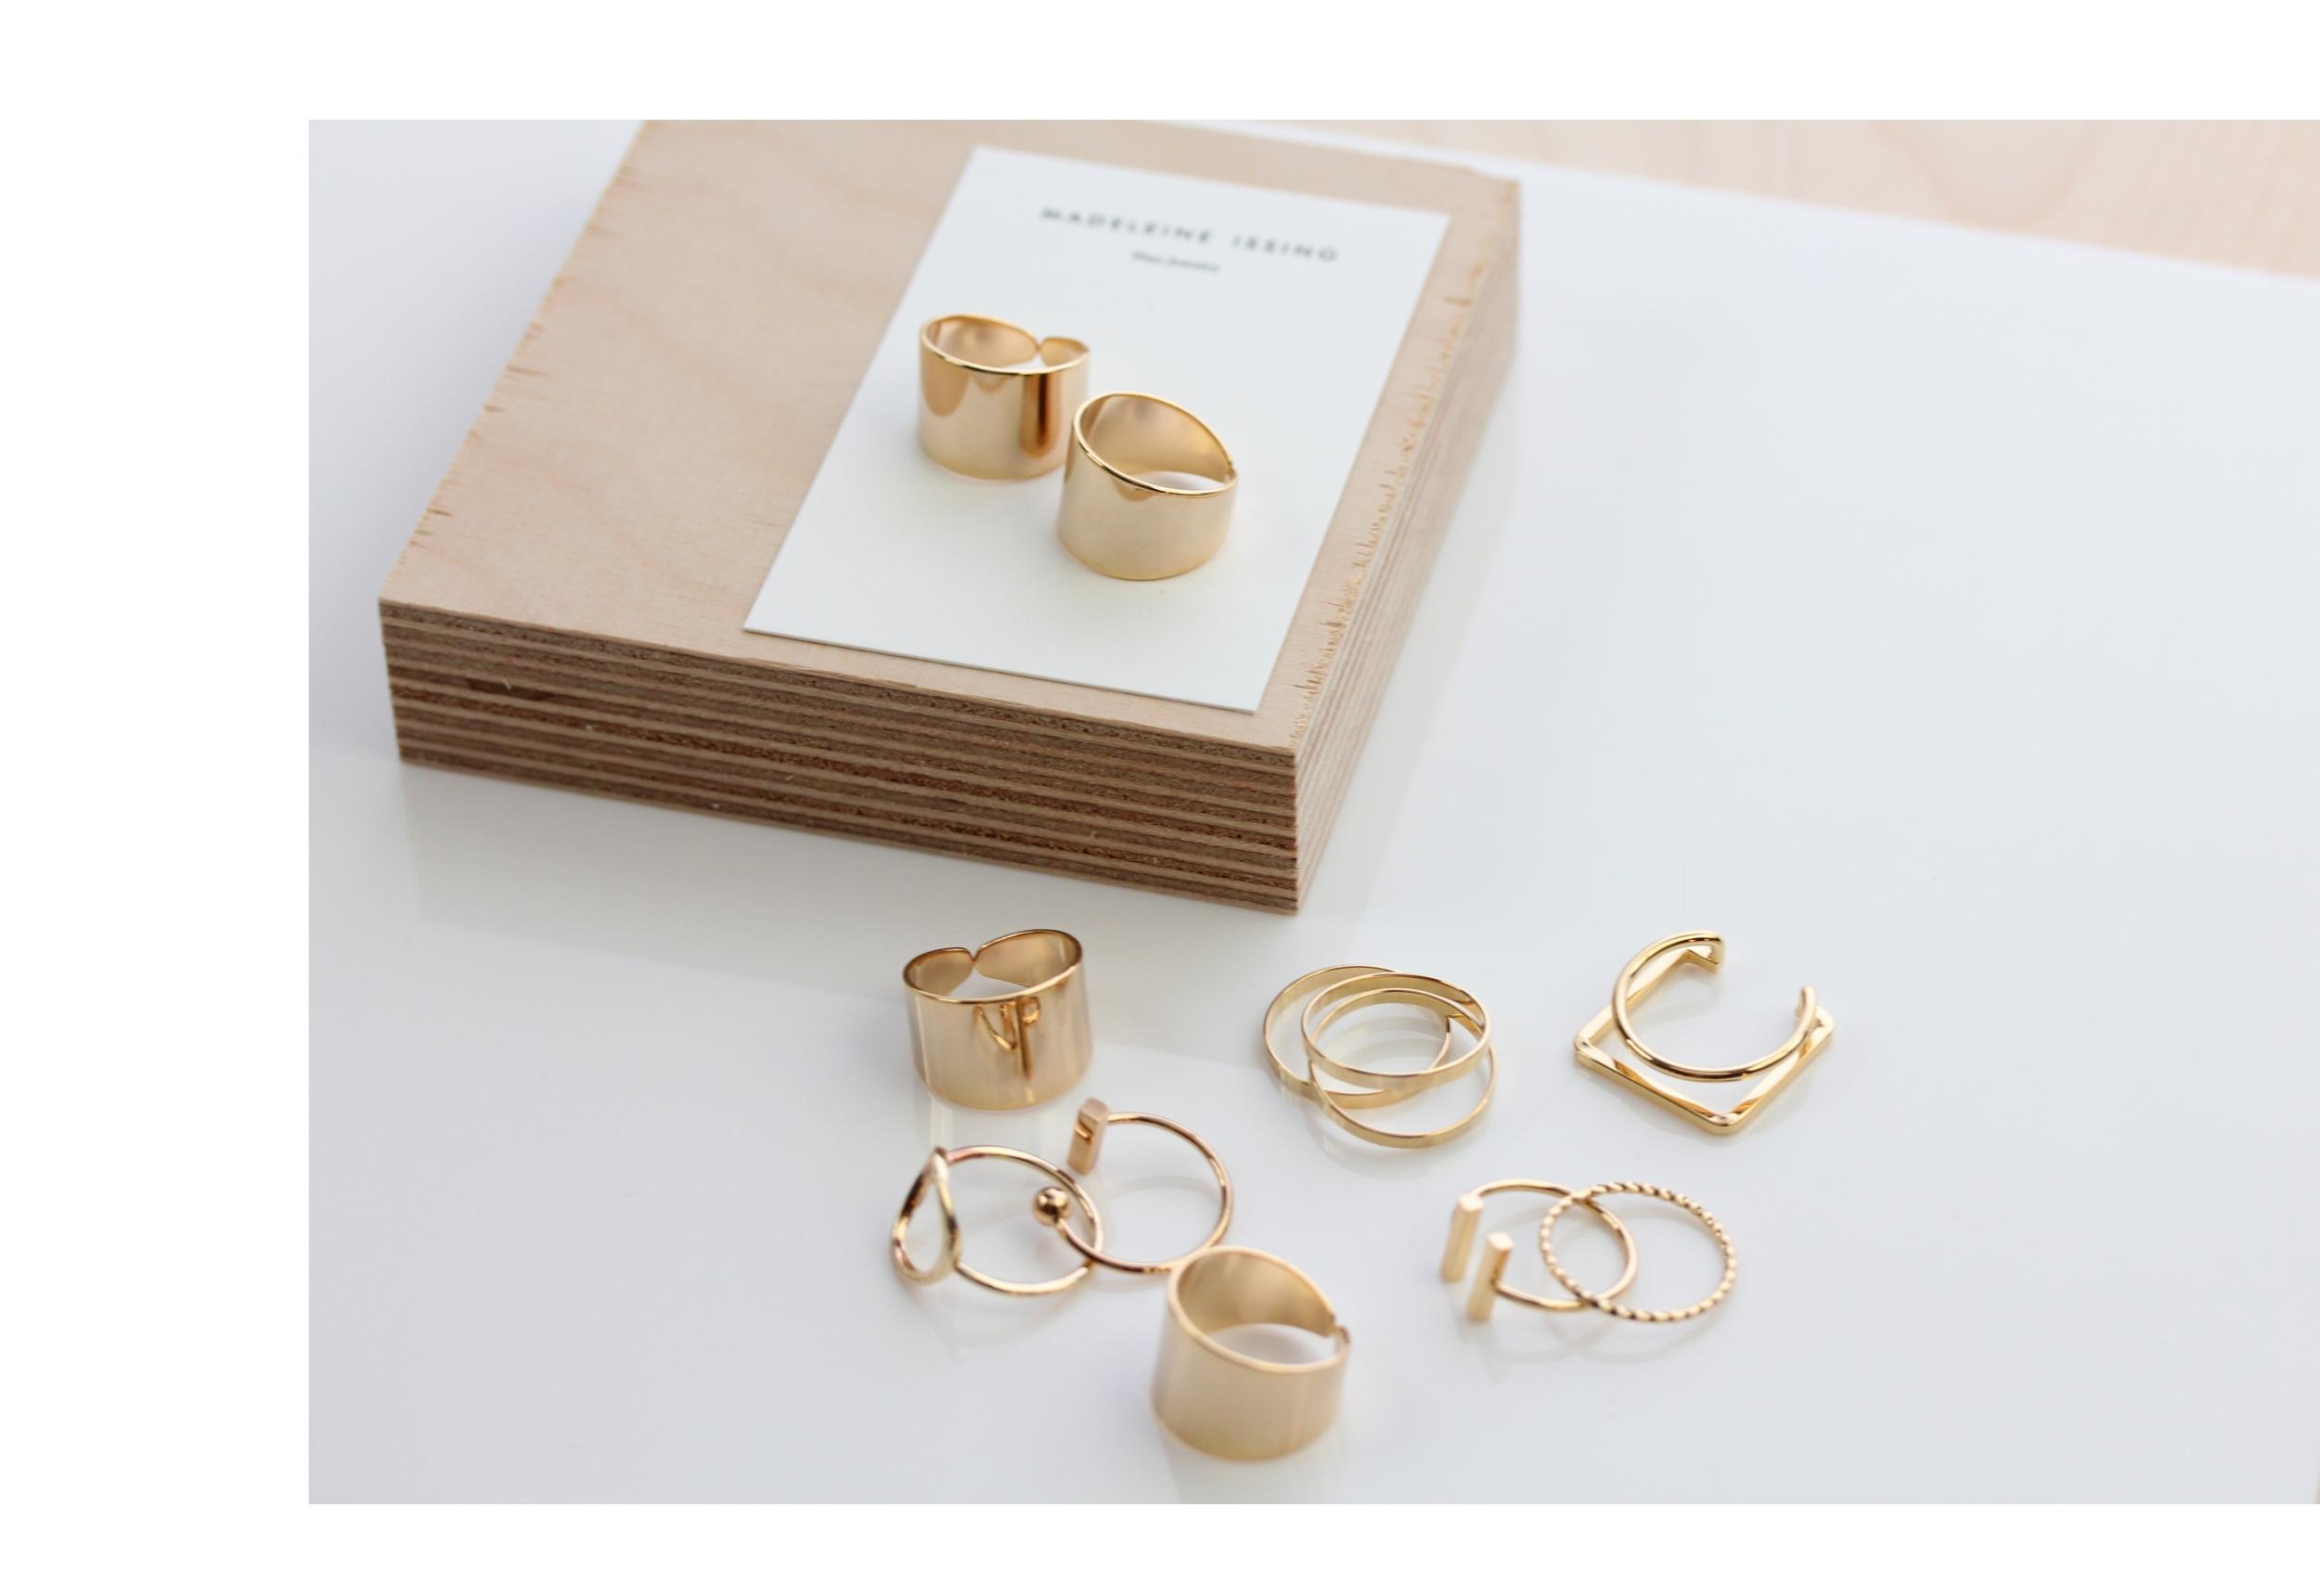 Dreifach Ringe in Gold und Silber Madeleine Issing